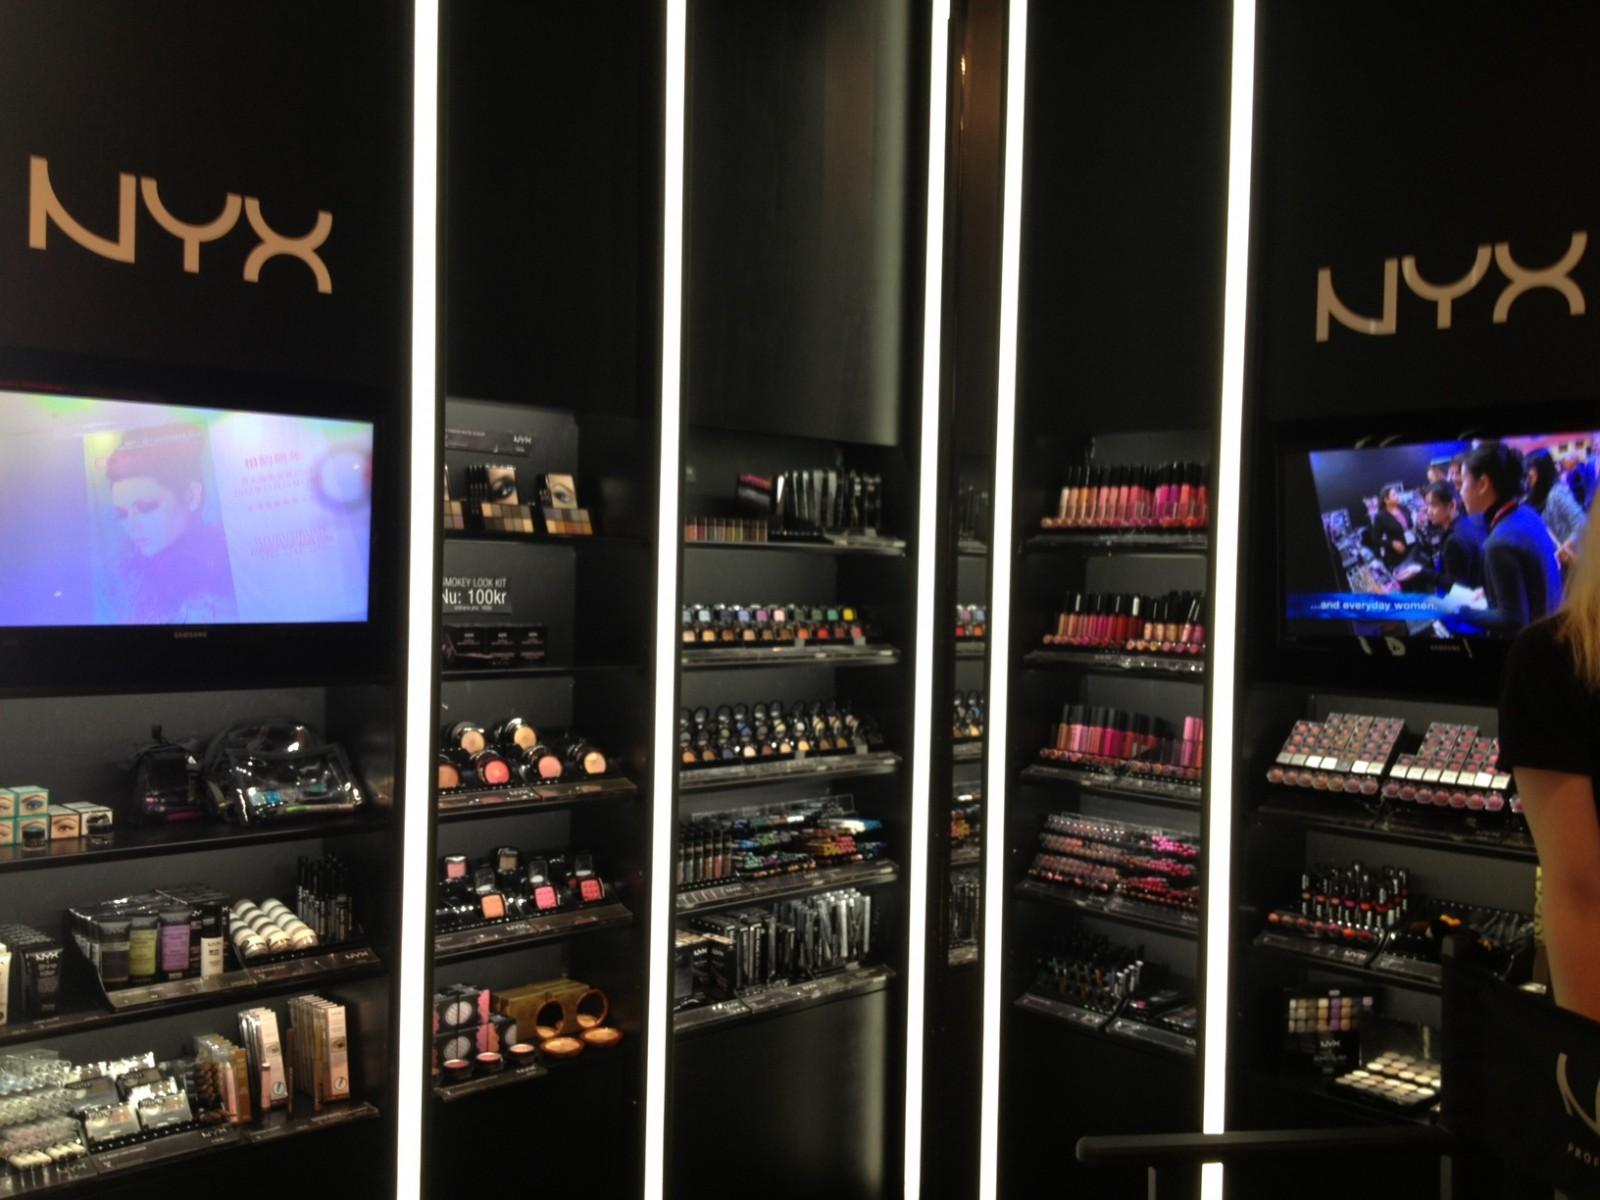 <h1>NYX Cosmetics</h1><h4>Strenge krav til belysning af kvalitets kosmetik</h4><a href='http://www.stockholmlighting.se/referenser/nyx-i-gallerian'>Læs mere <i class='icon-arrow-right'></i></a>